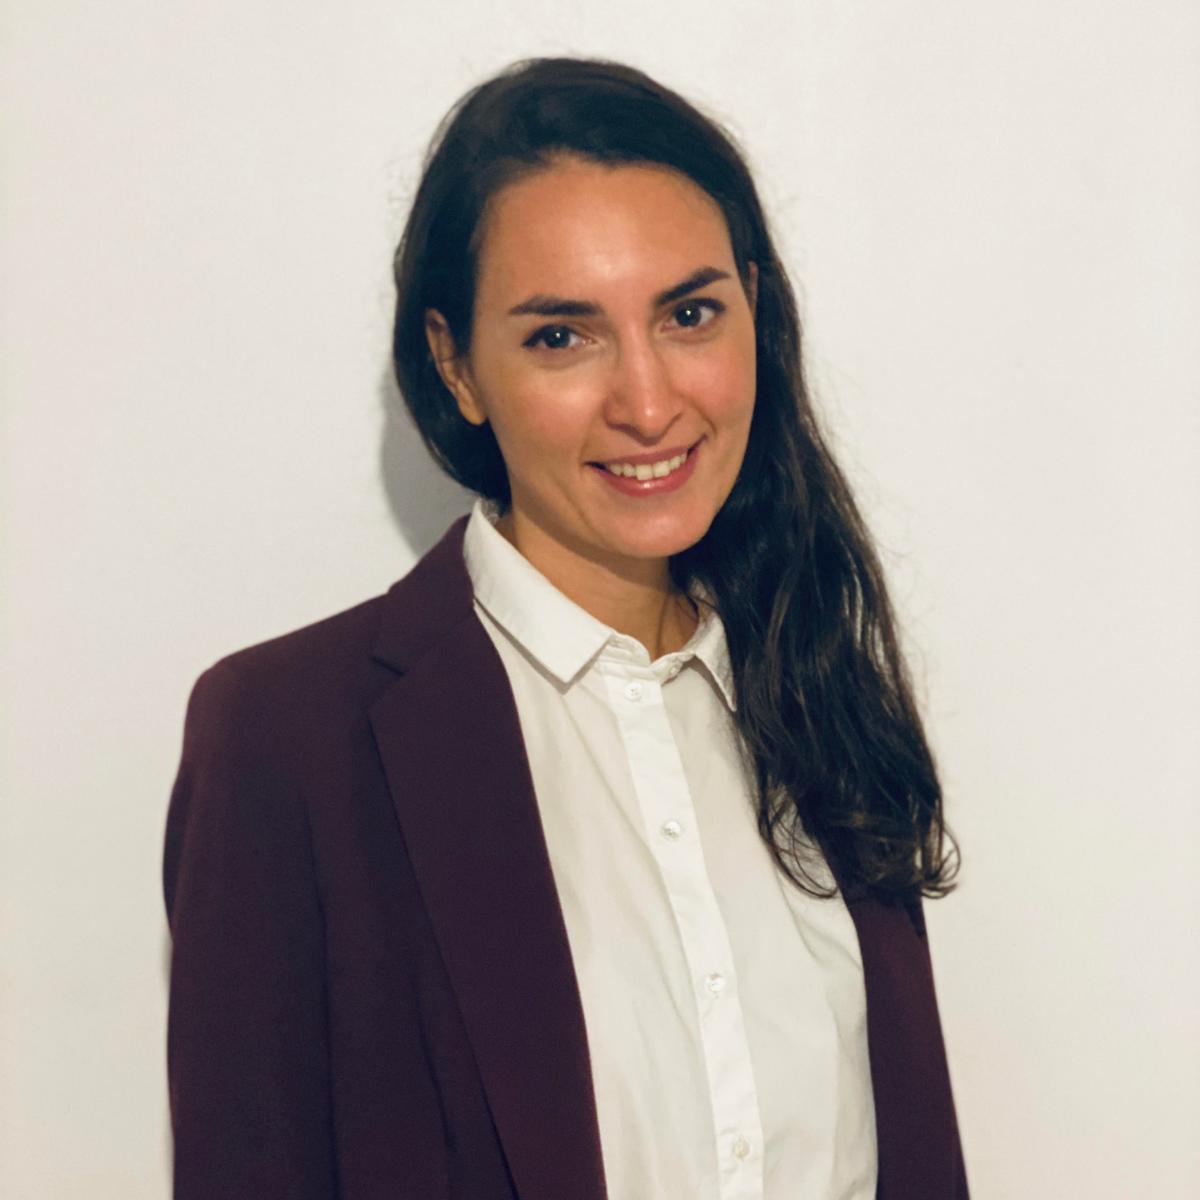 Zineb Tazi, analyste crédit senior chez WeShareBonds